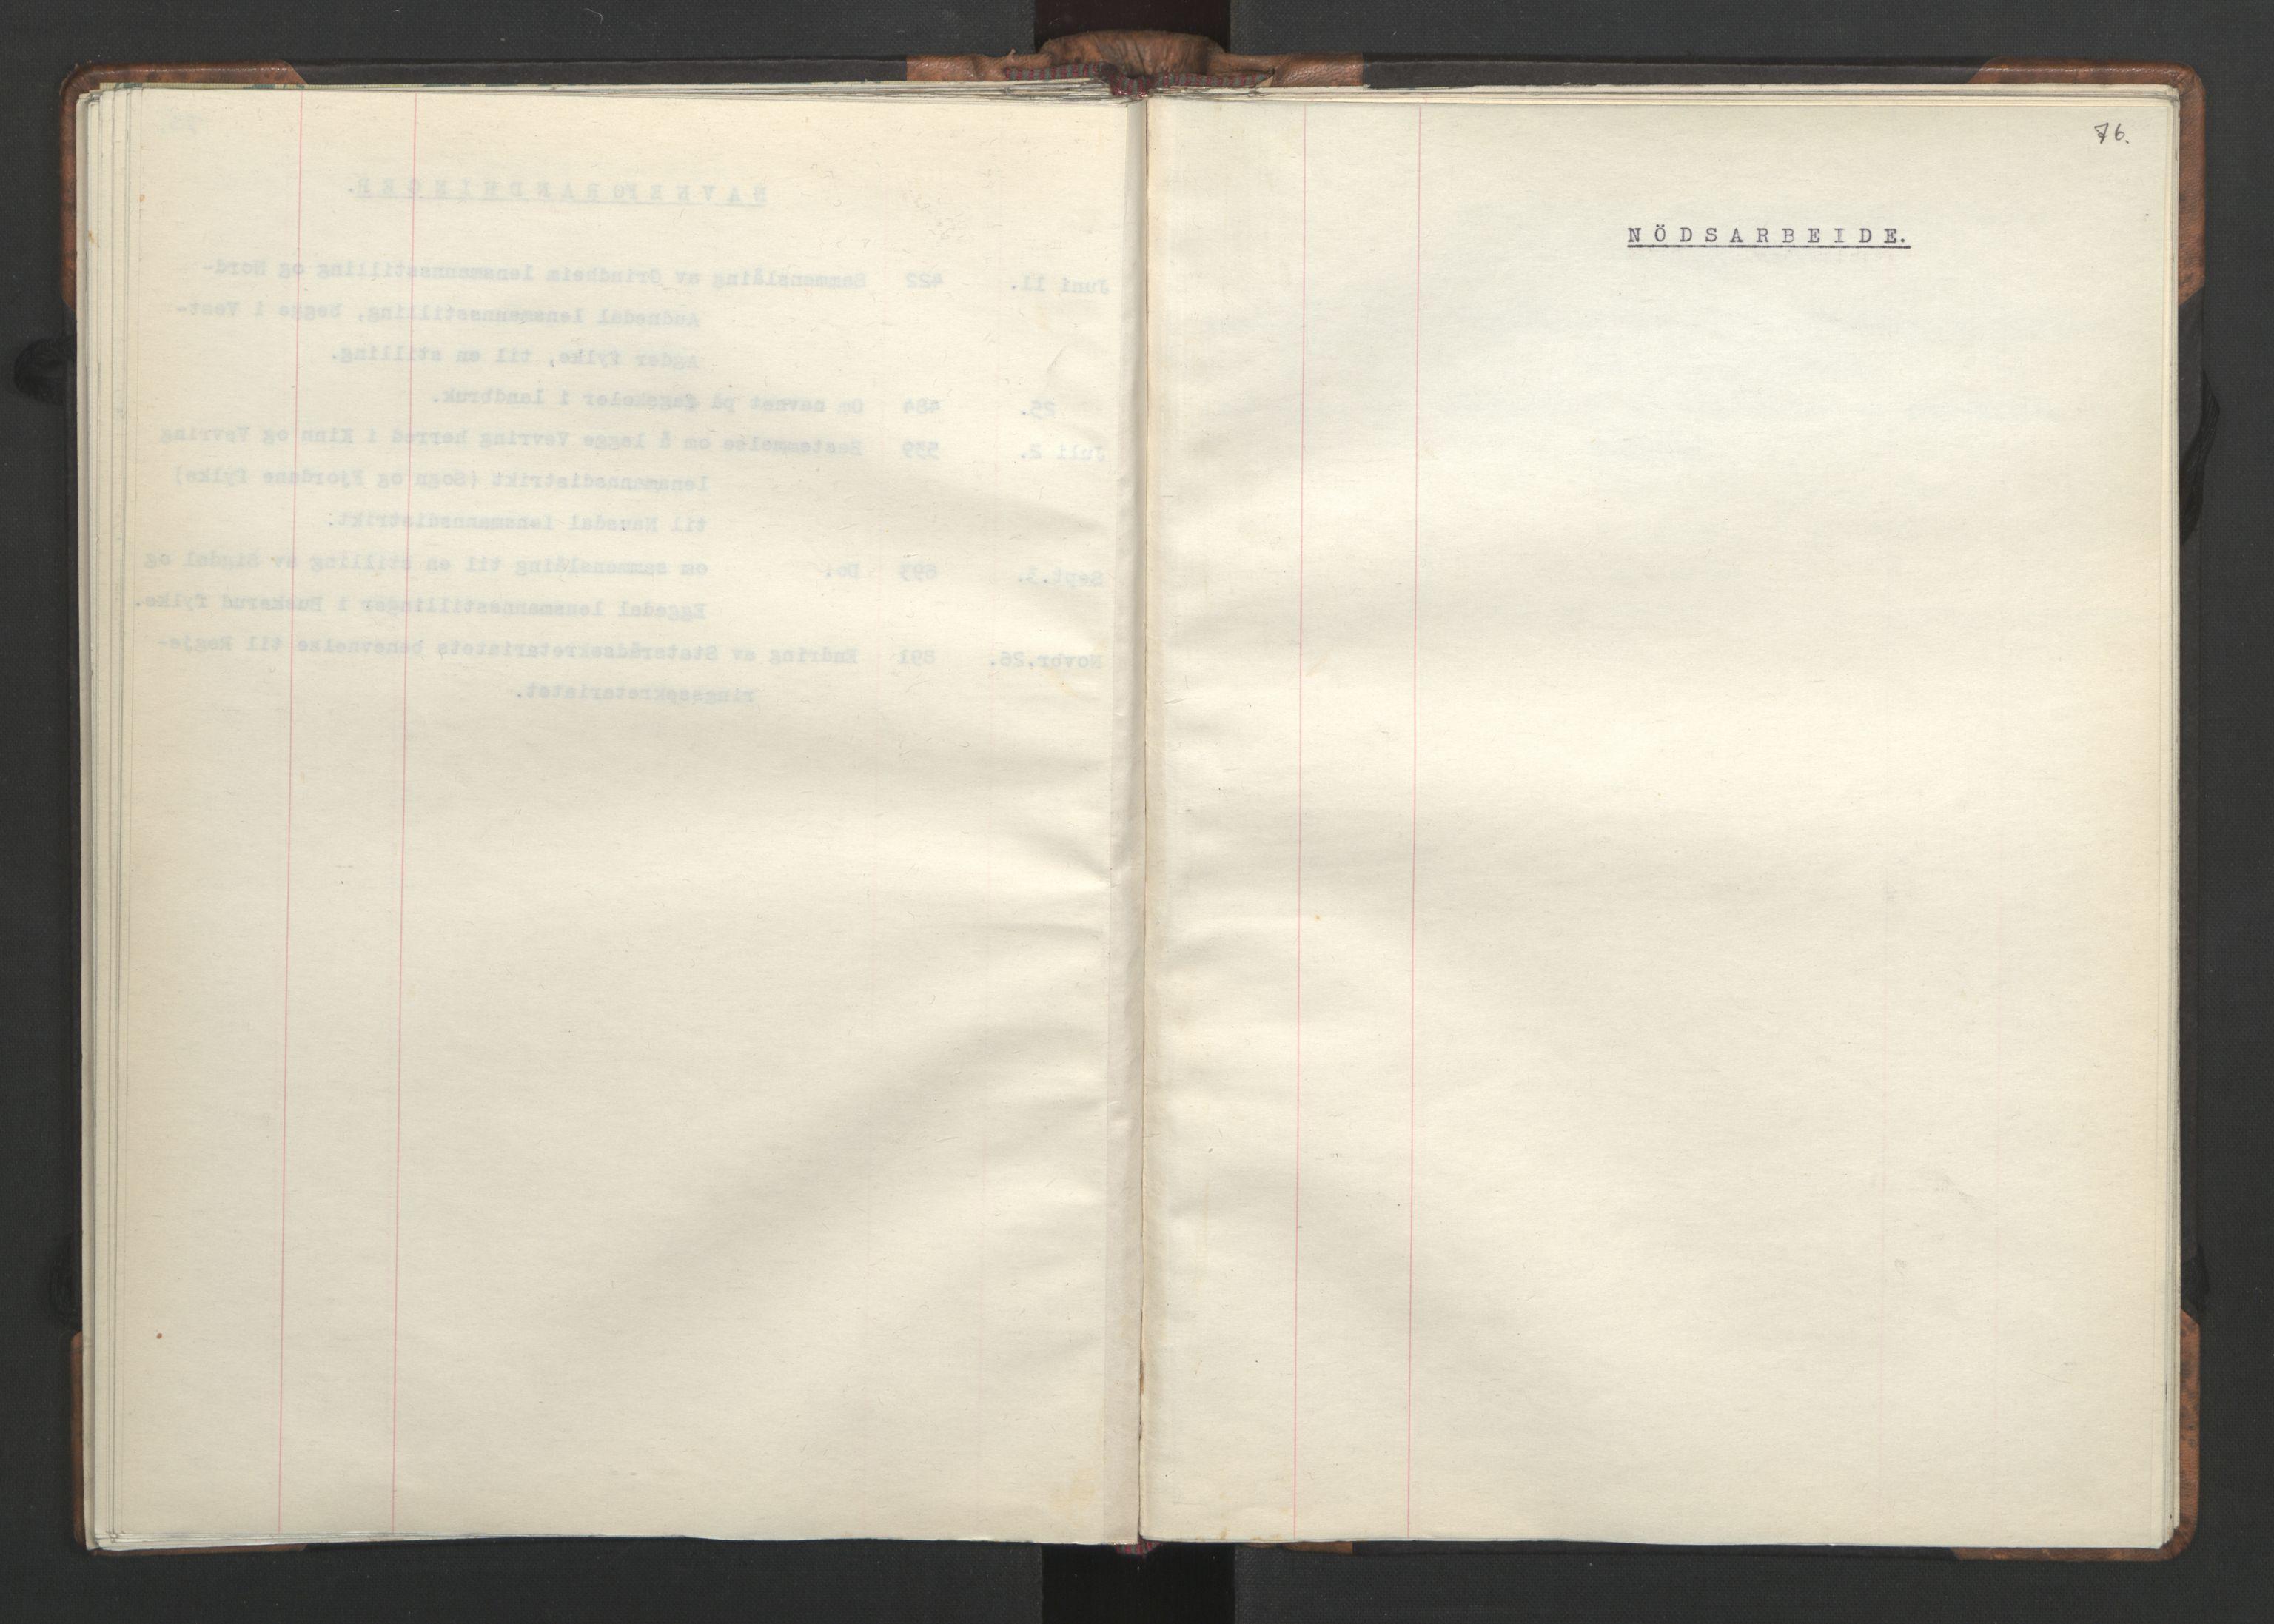 RA, NS-administrasjonen 1940-1945 (Statsrådsekretariatet, de kommisariske statsråder mm), D/Da/L0002: Register (RA j.nr. 985/1943, tilgangsnr. 17/1943), 1942, s. 75b-76a